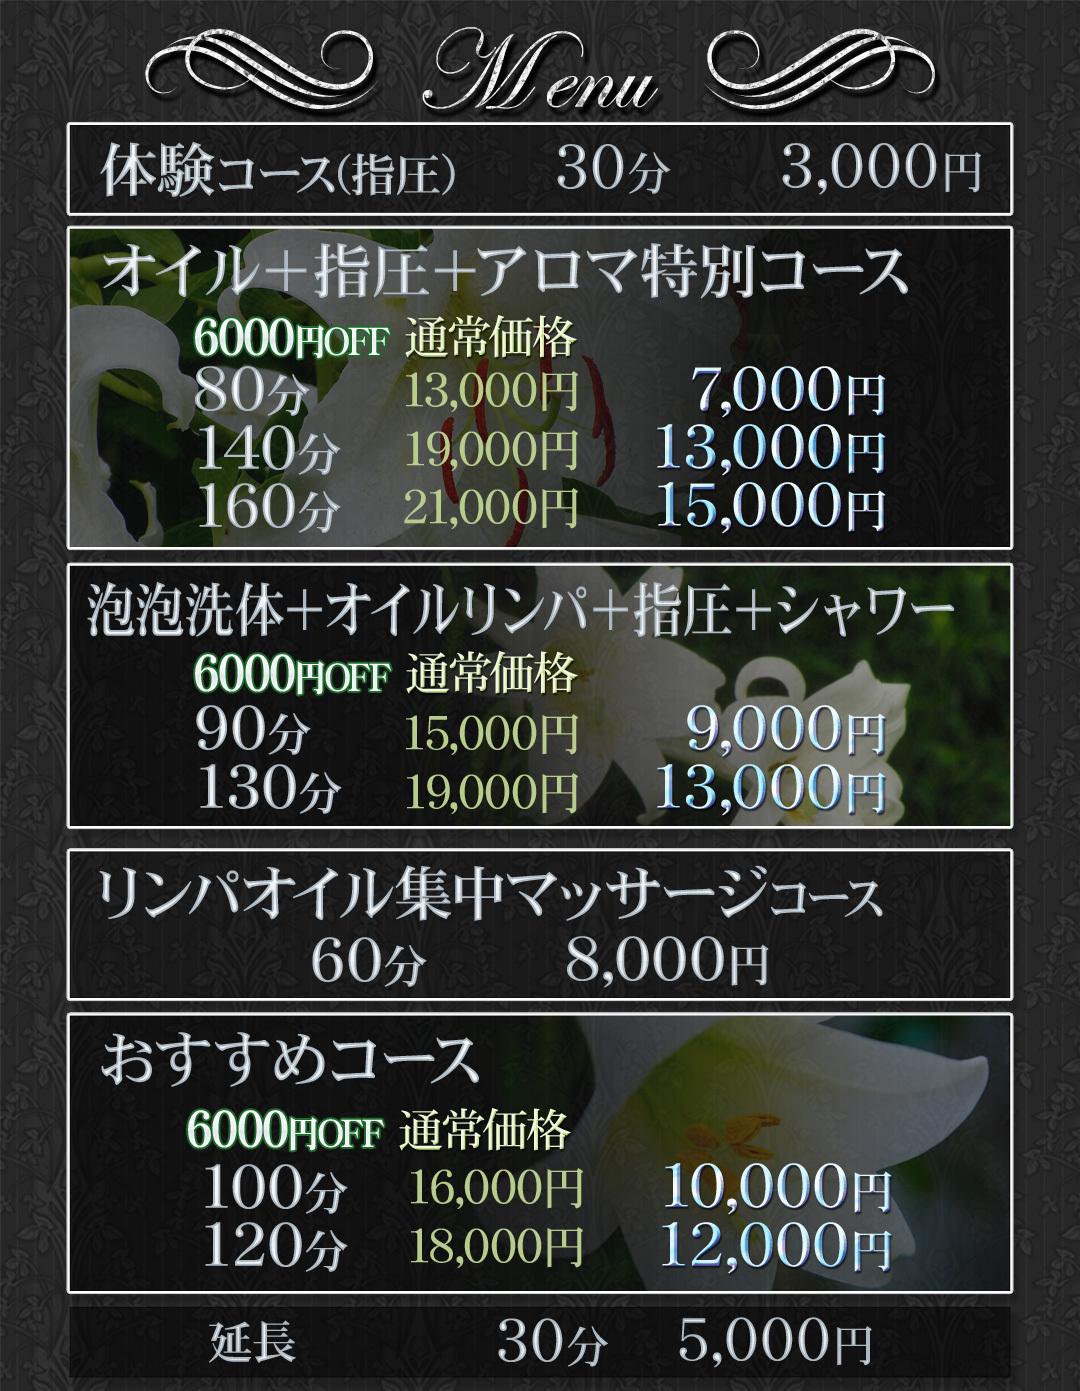 メニュー料金表